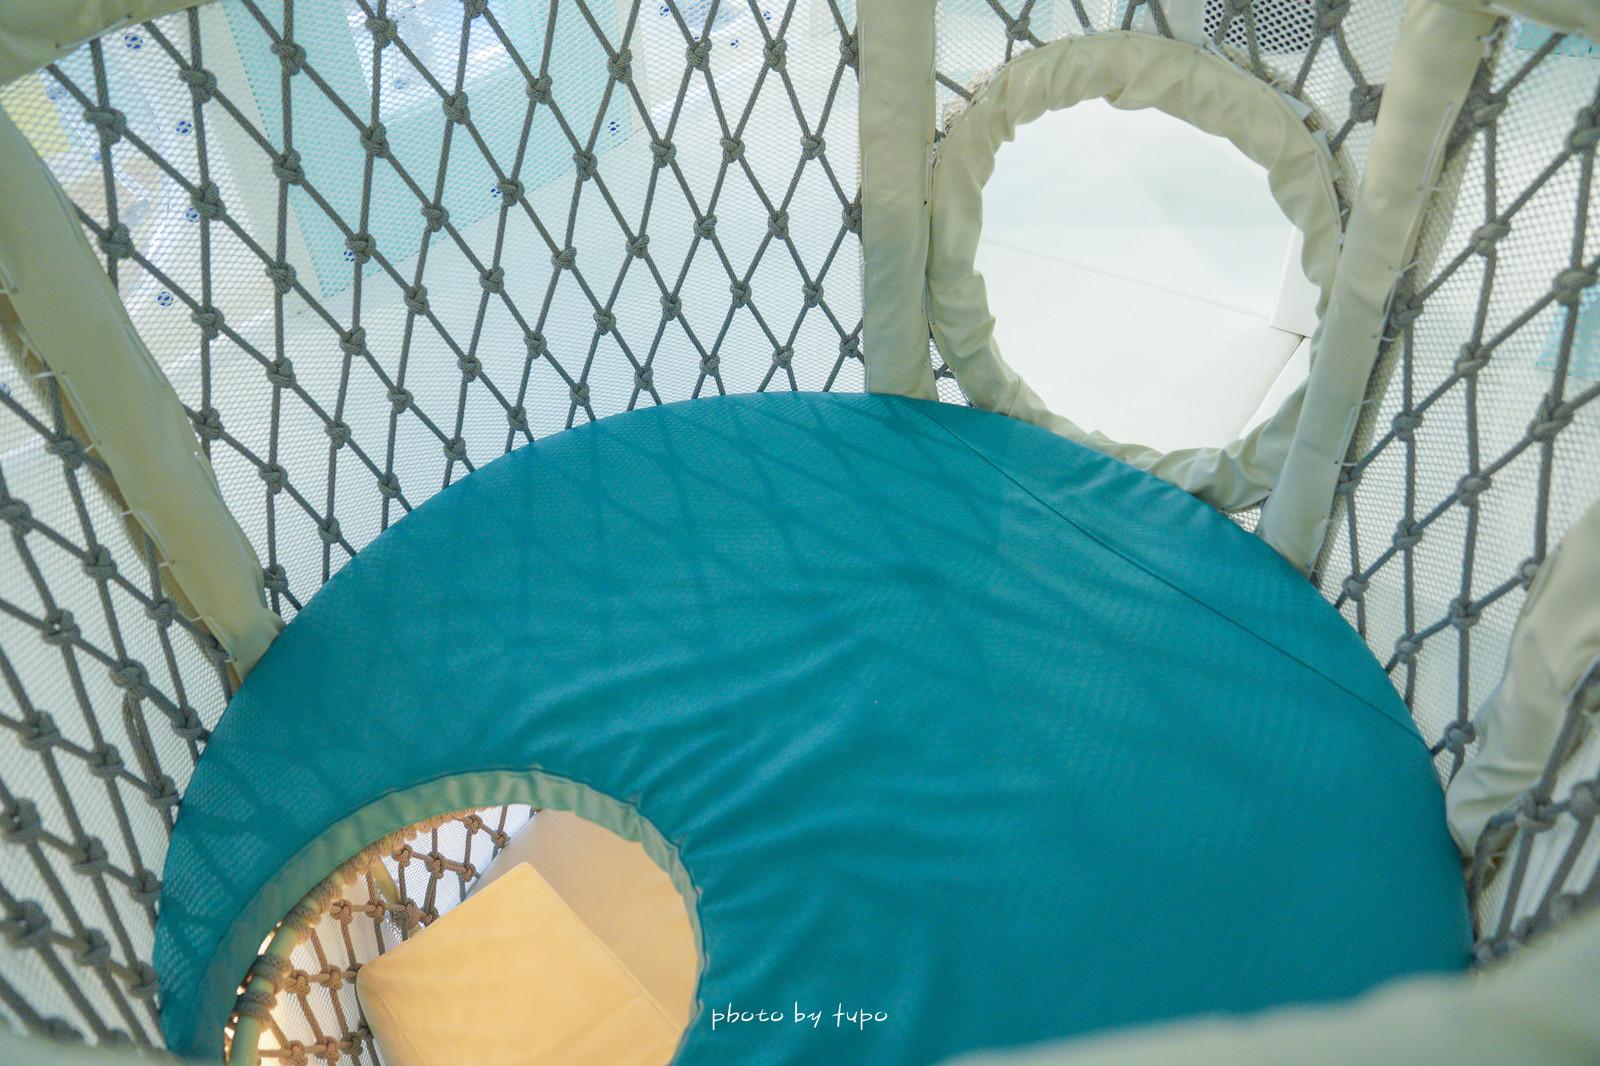 桃園親子室內景點~全台首座「巧虎夢想樂園」插旗桃園,佔地300坪,5大主題親子樂園,最新優惠,線上購票,交通指南